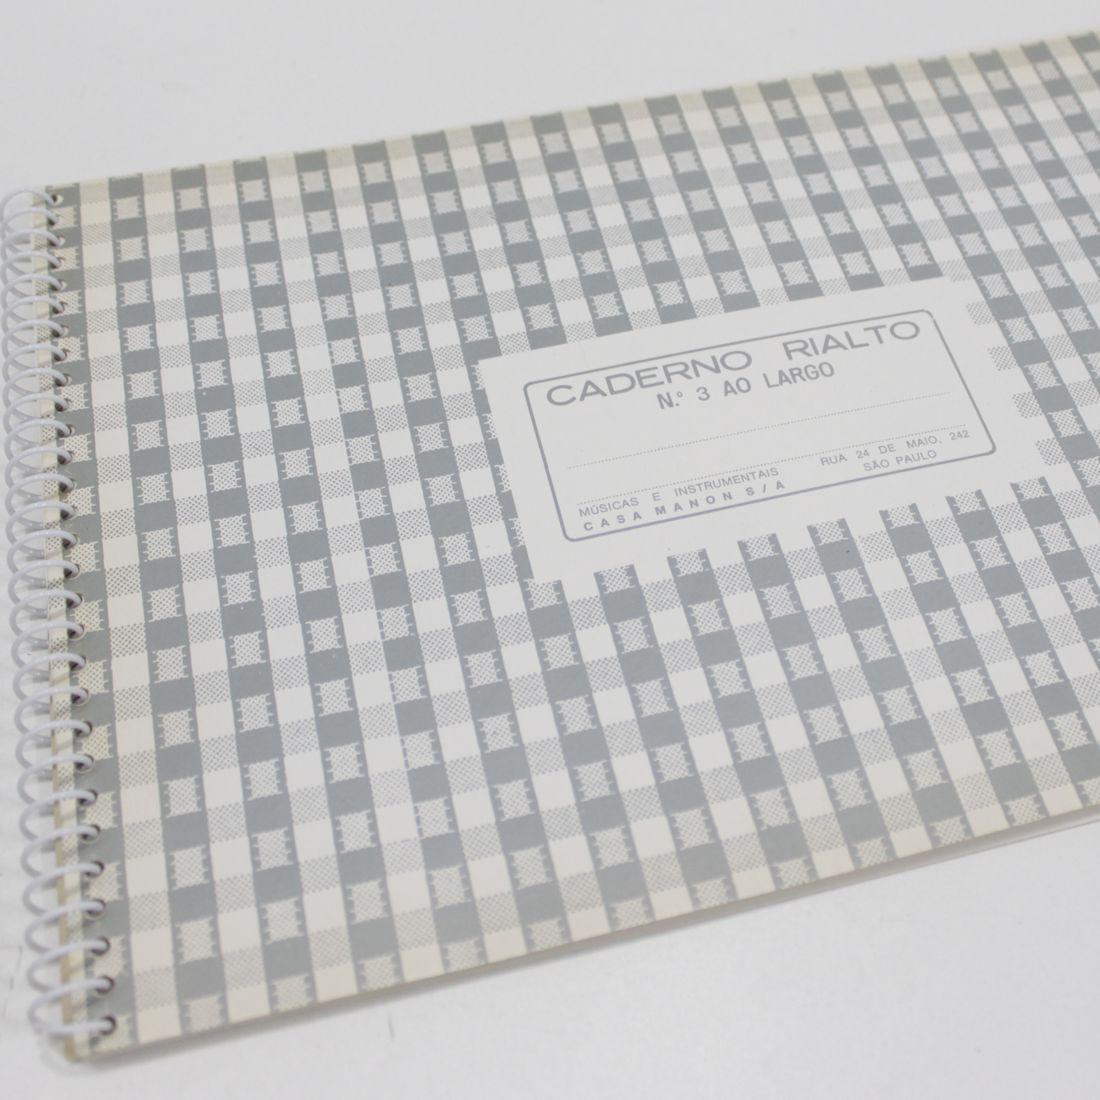 Caderno de Musica Grande 80 Páginas com Pauta / Pentagrama (40 Folhas) - Ponta de Estoque